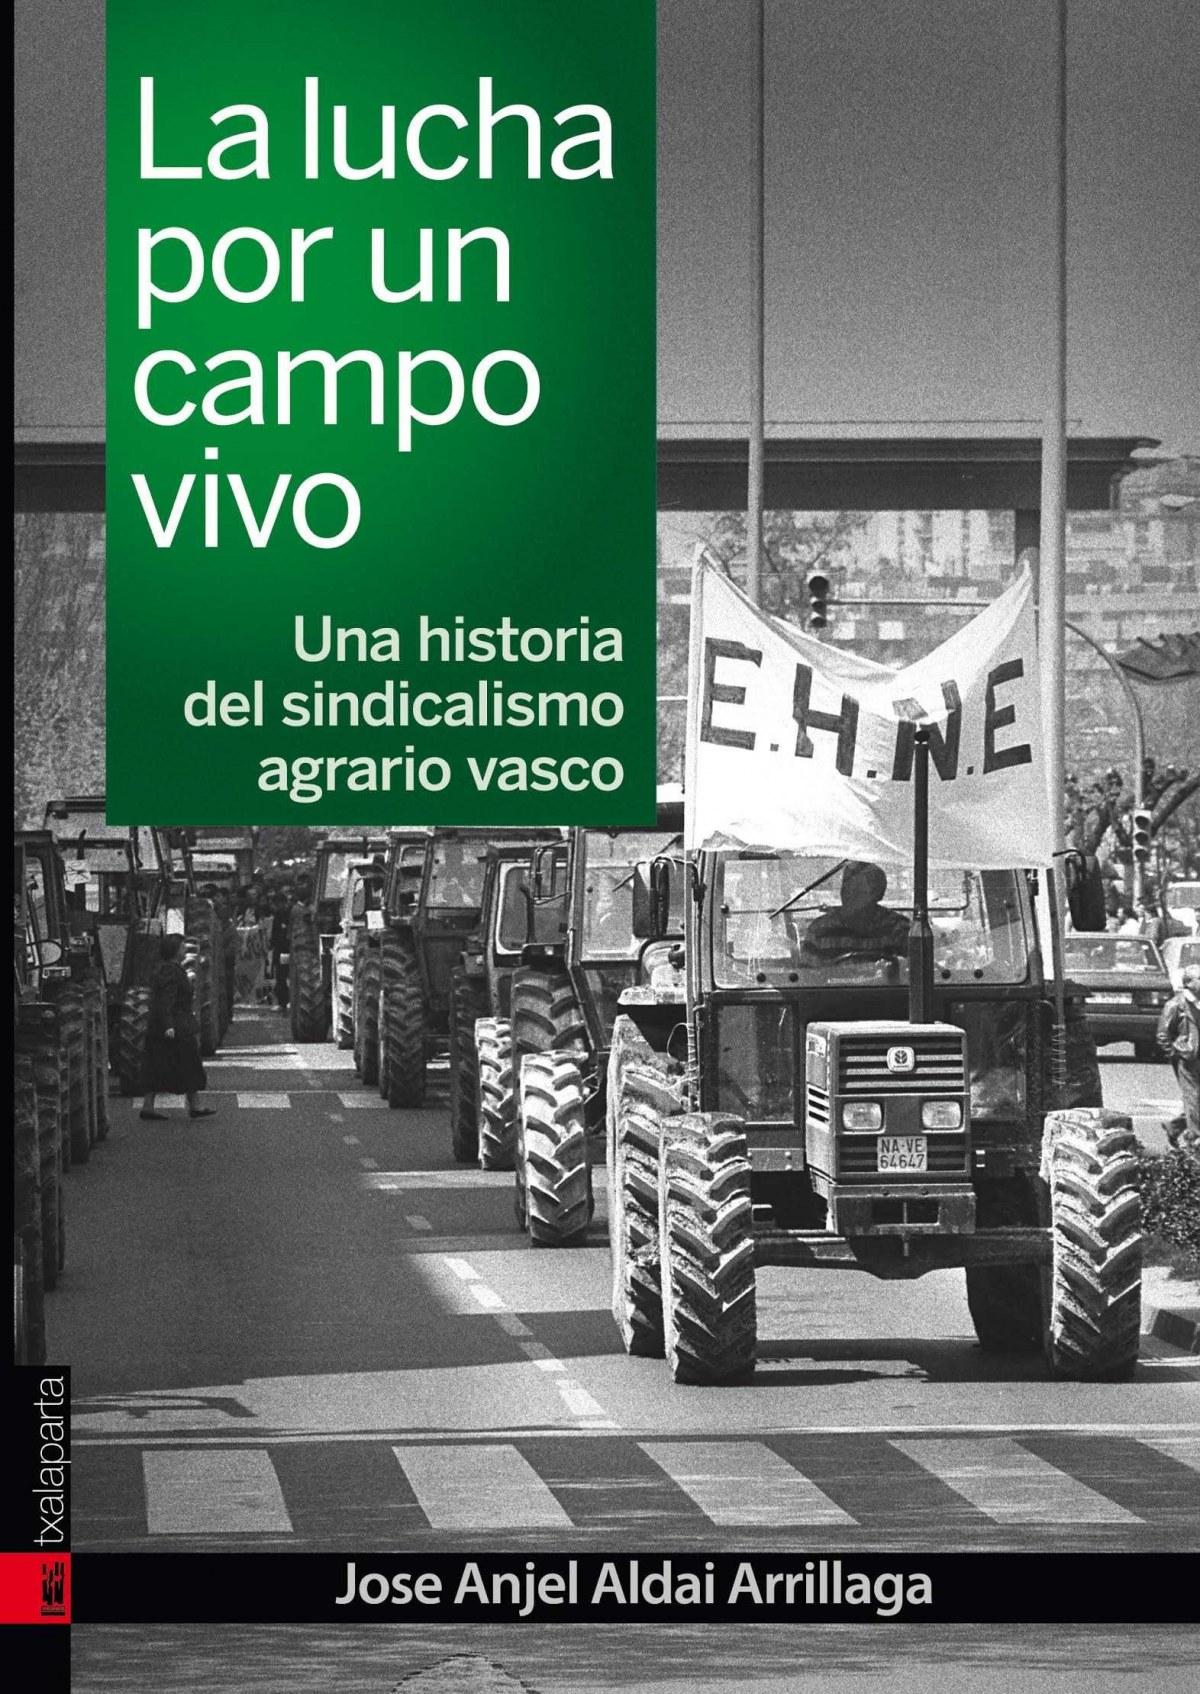 LA LUCHA POR UN CAMPO VIVO 9788417065287